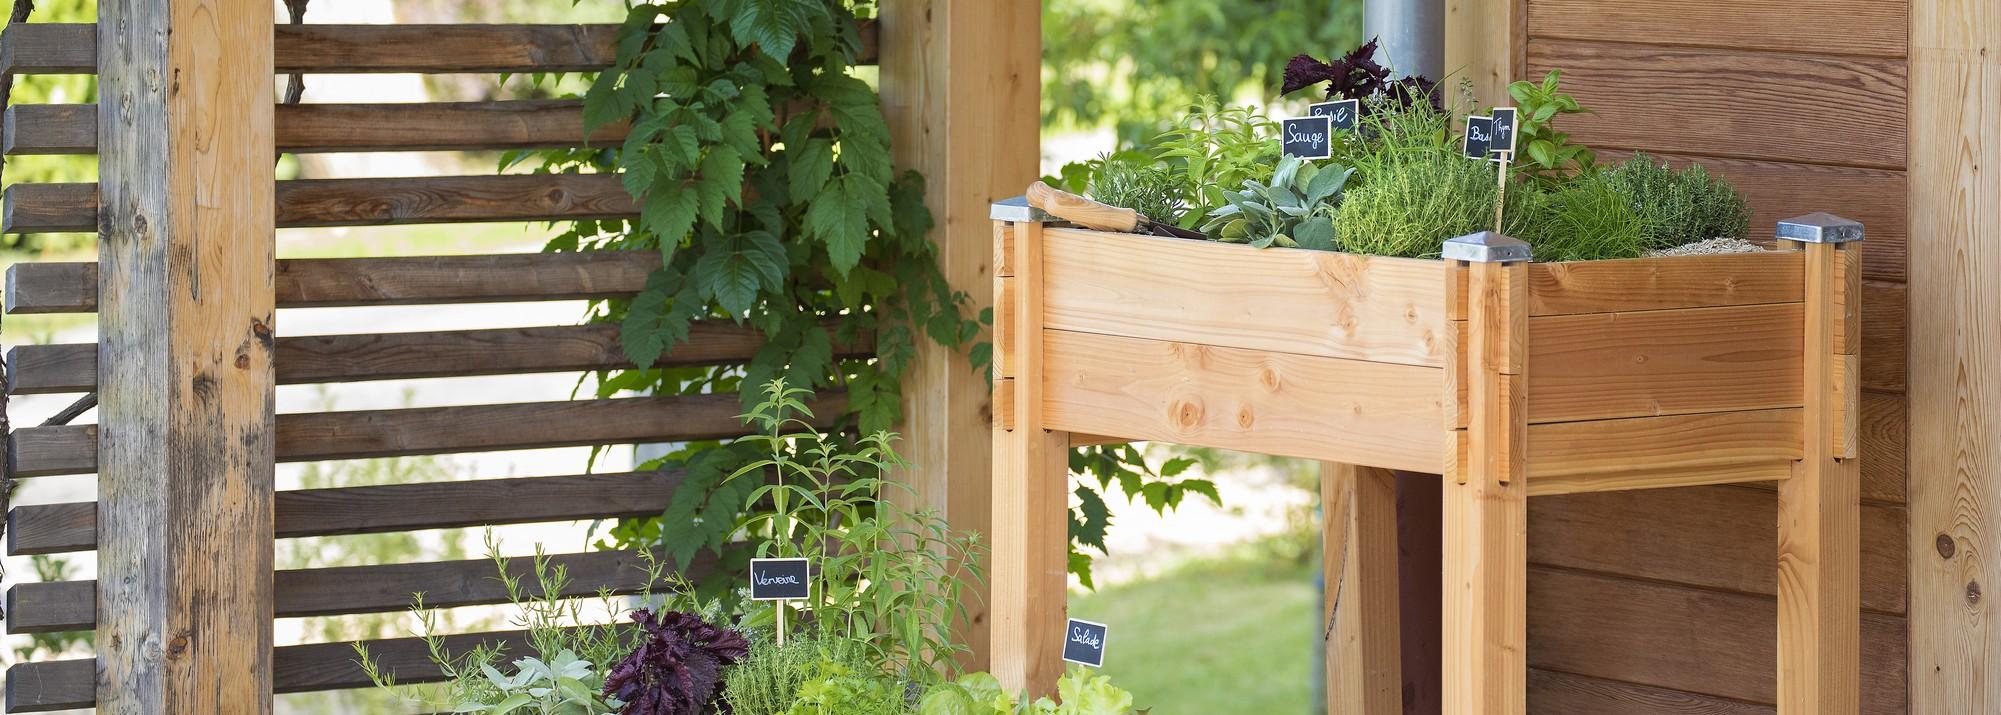 Potager 3 Etages Botanic un potager sur mon balcon - botanic®